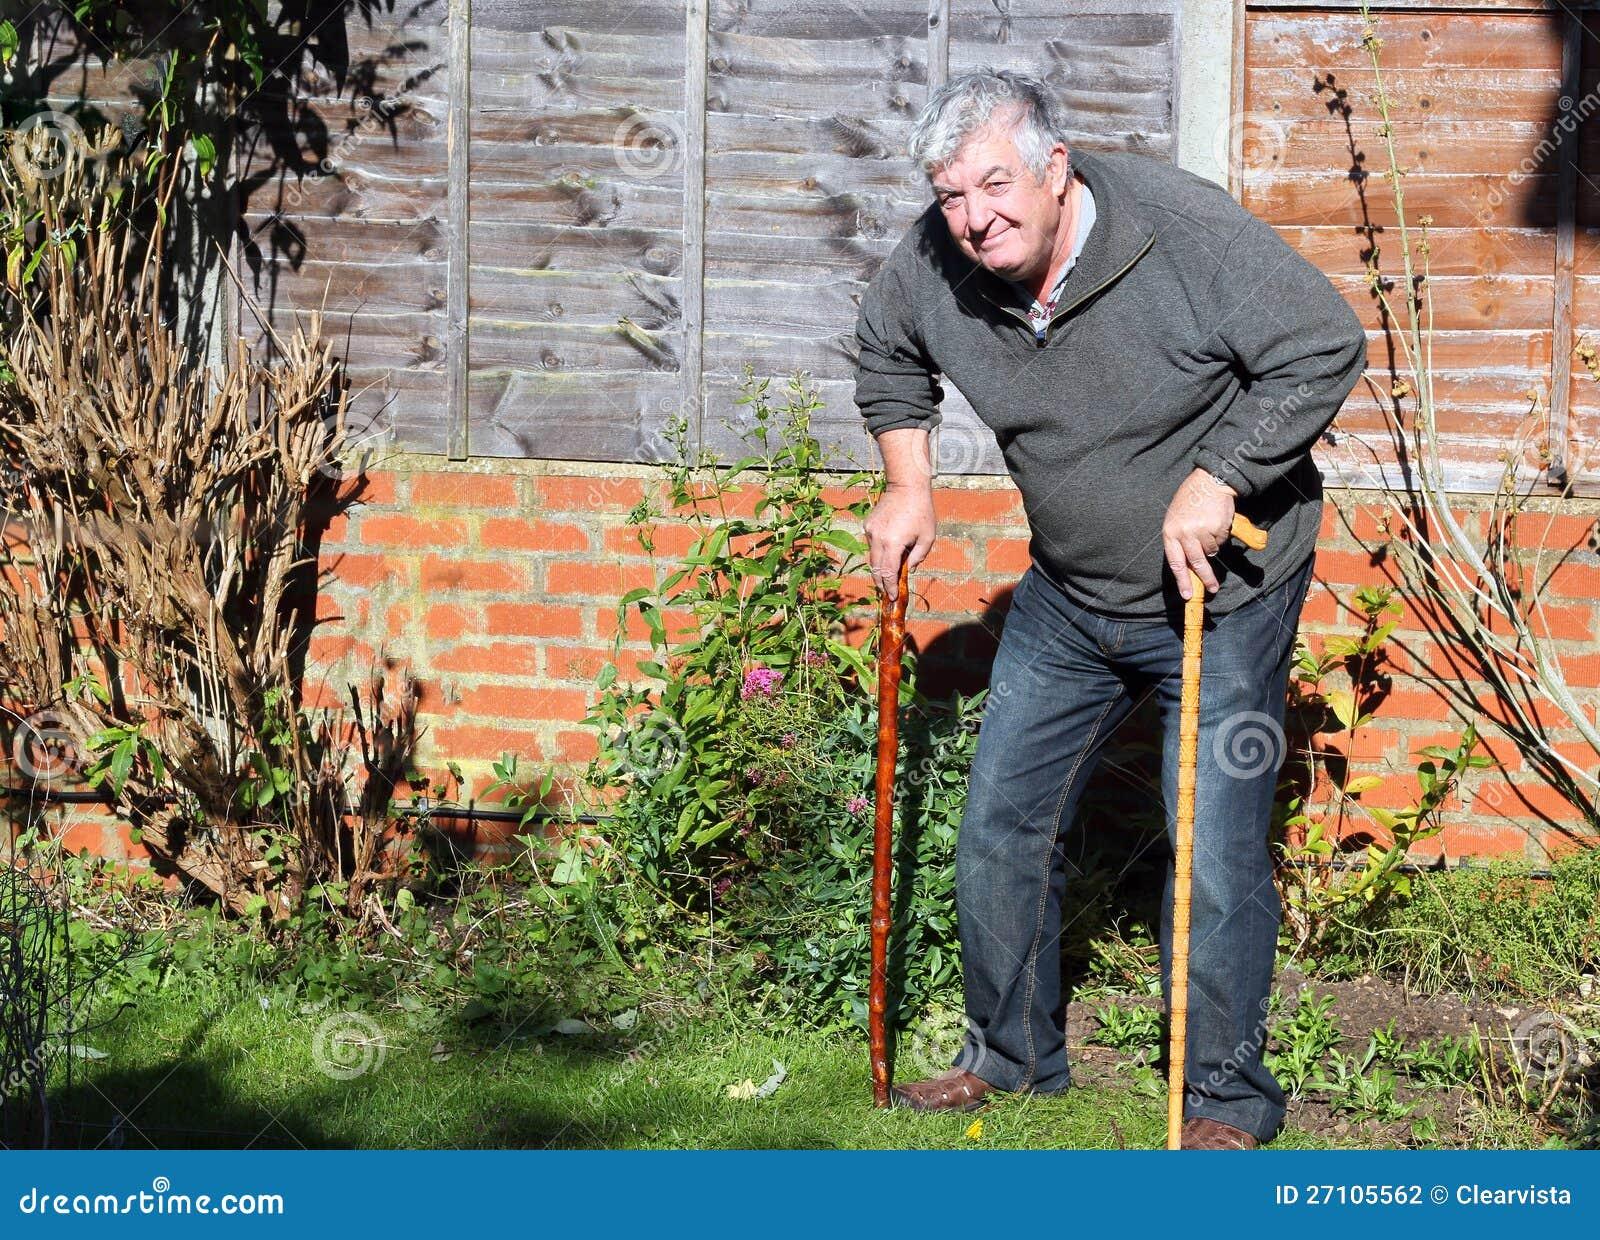 happy-elderly-man-two-walking-sticks-27105562.jpg